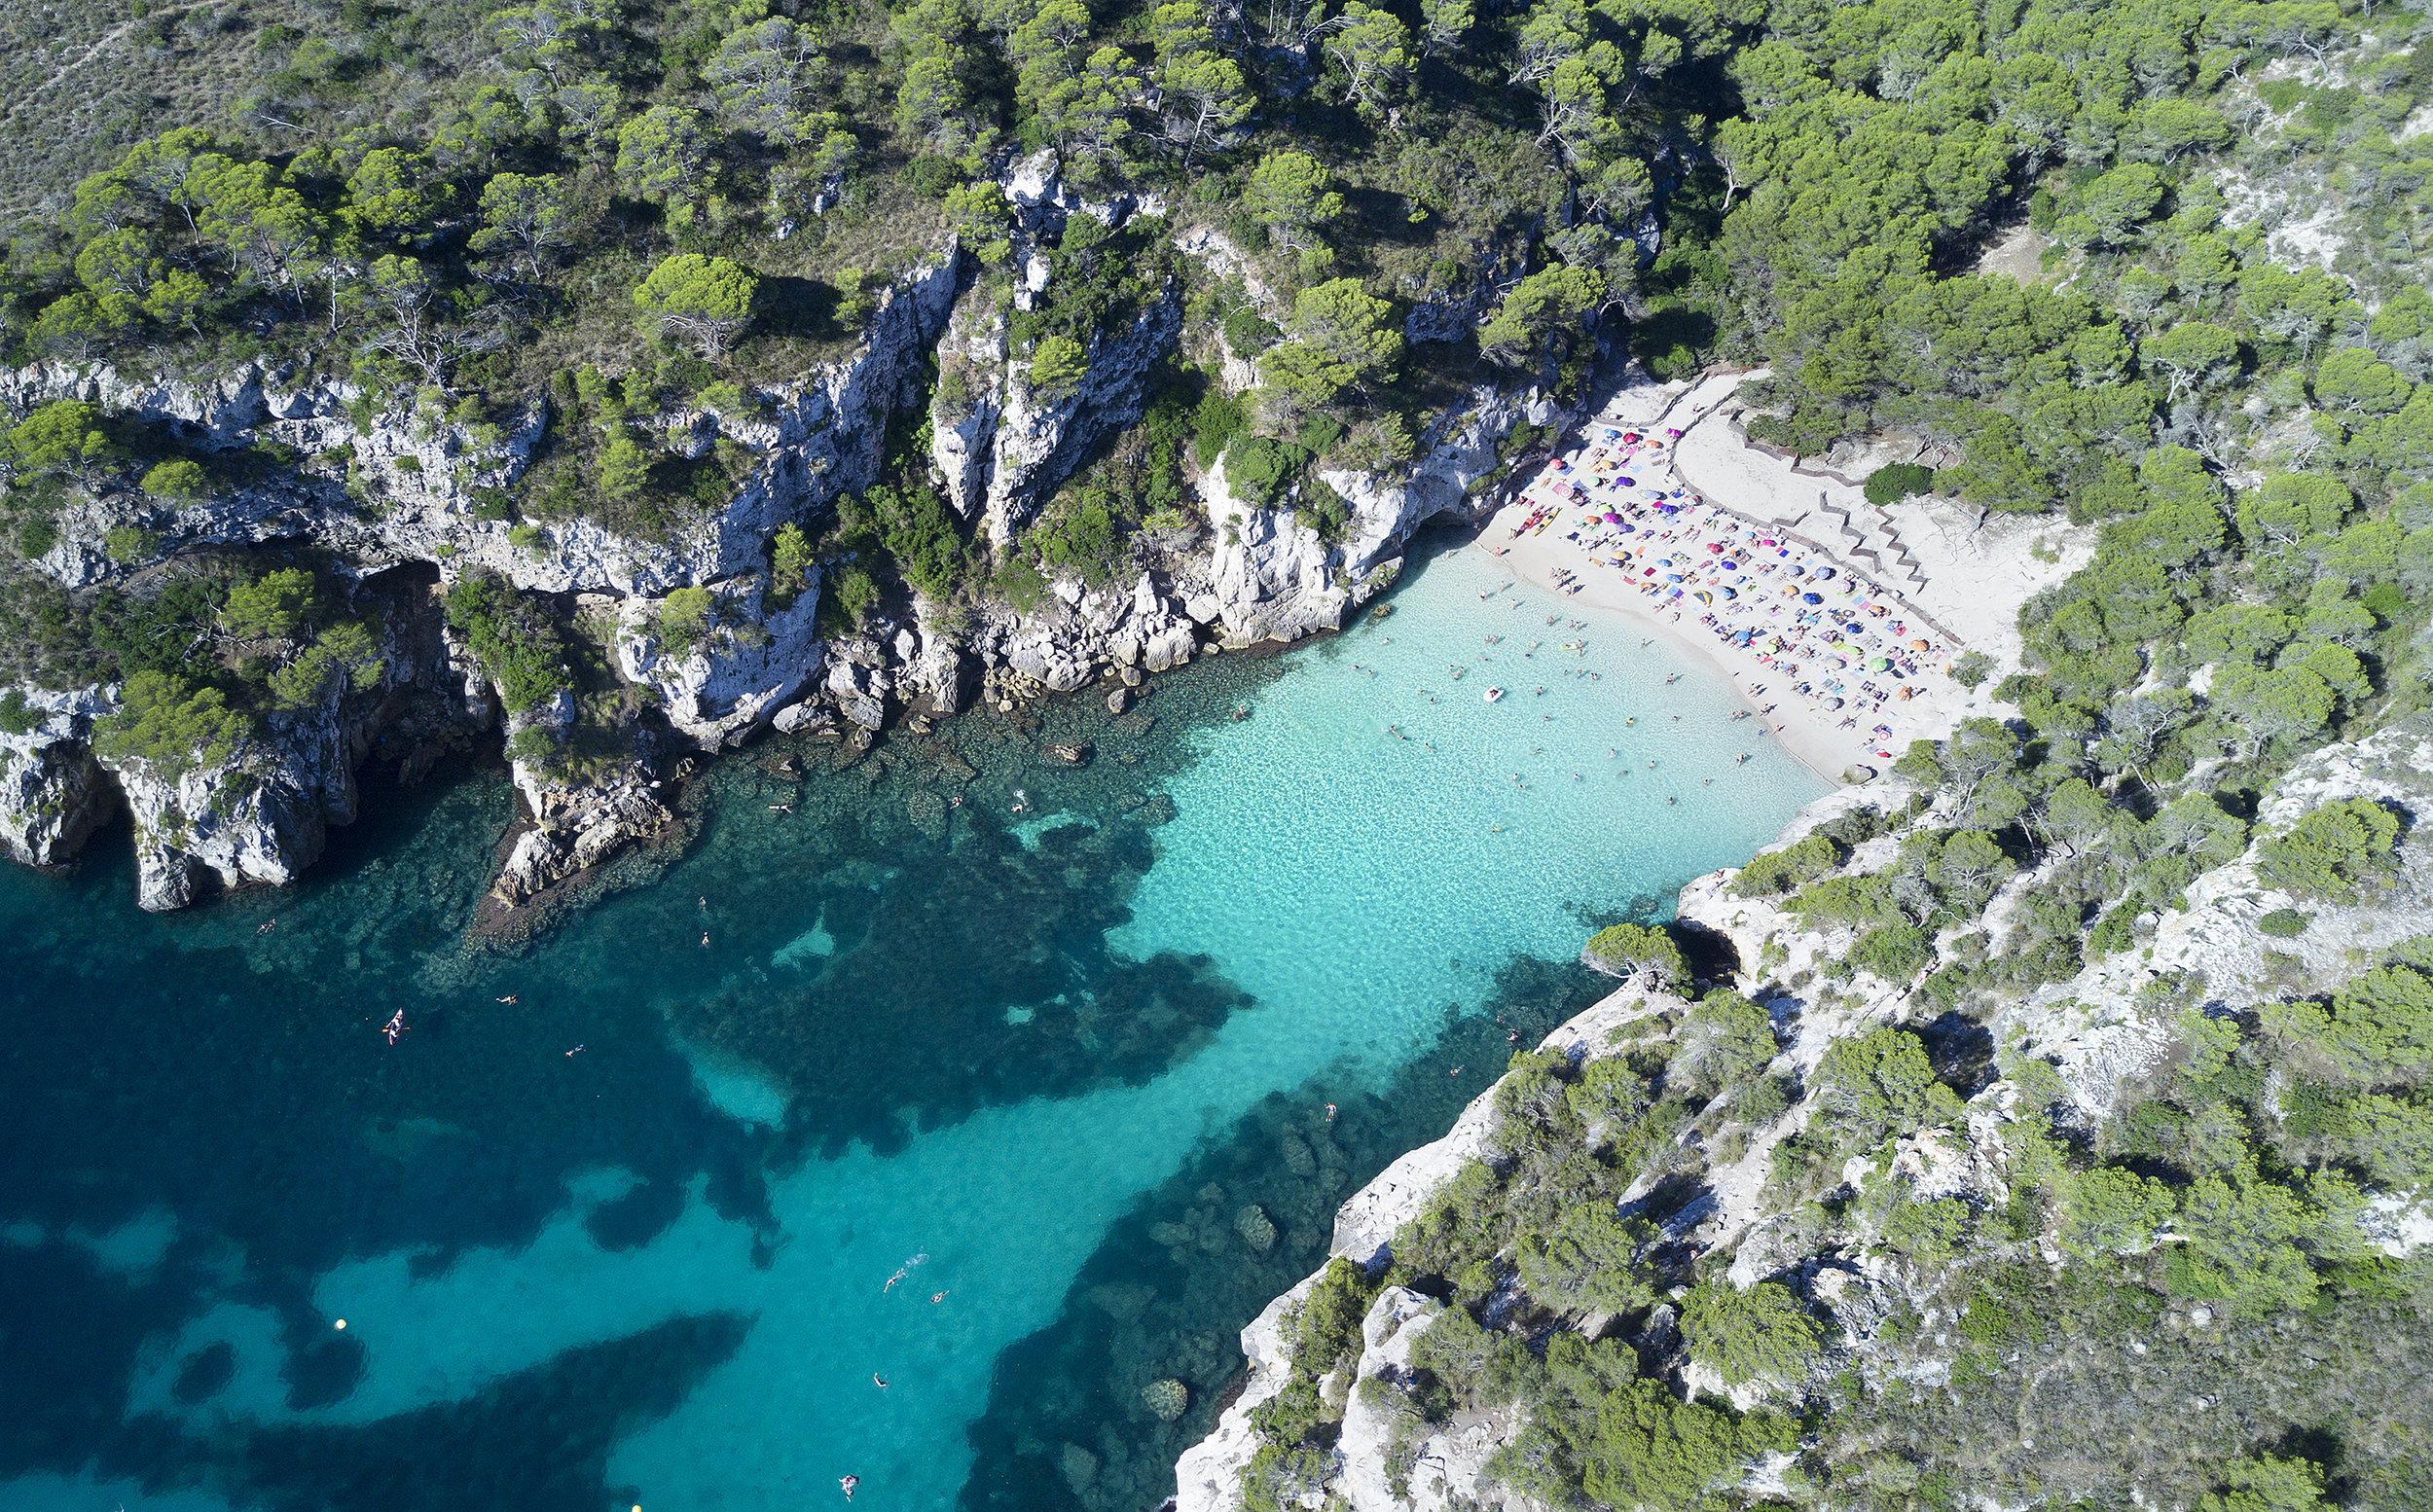 Menorca, Macarelleta